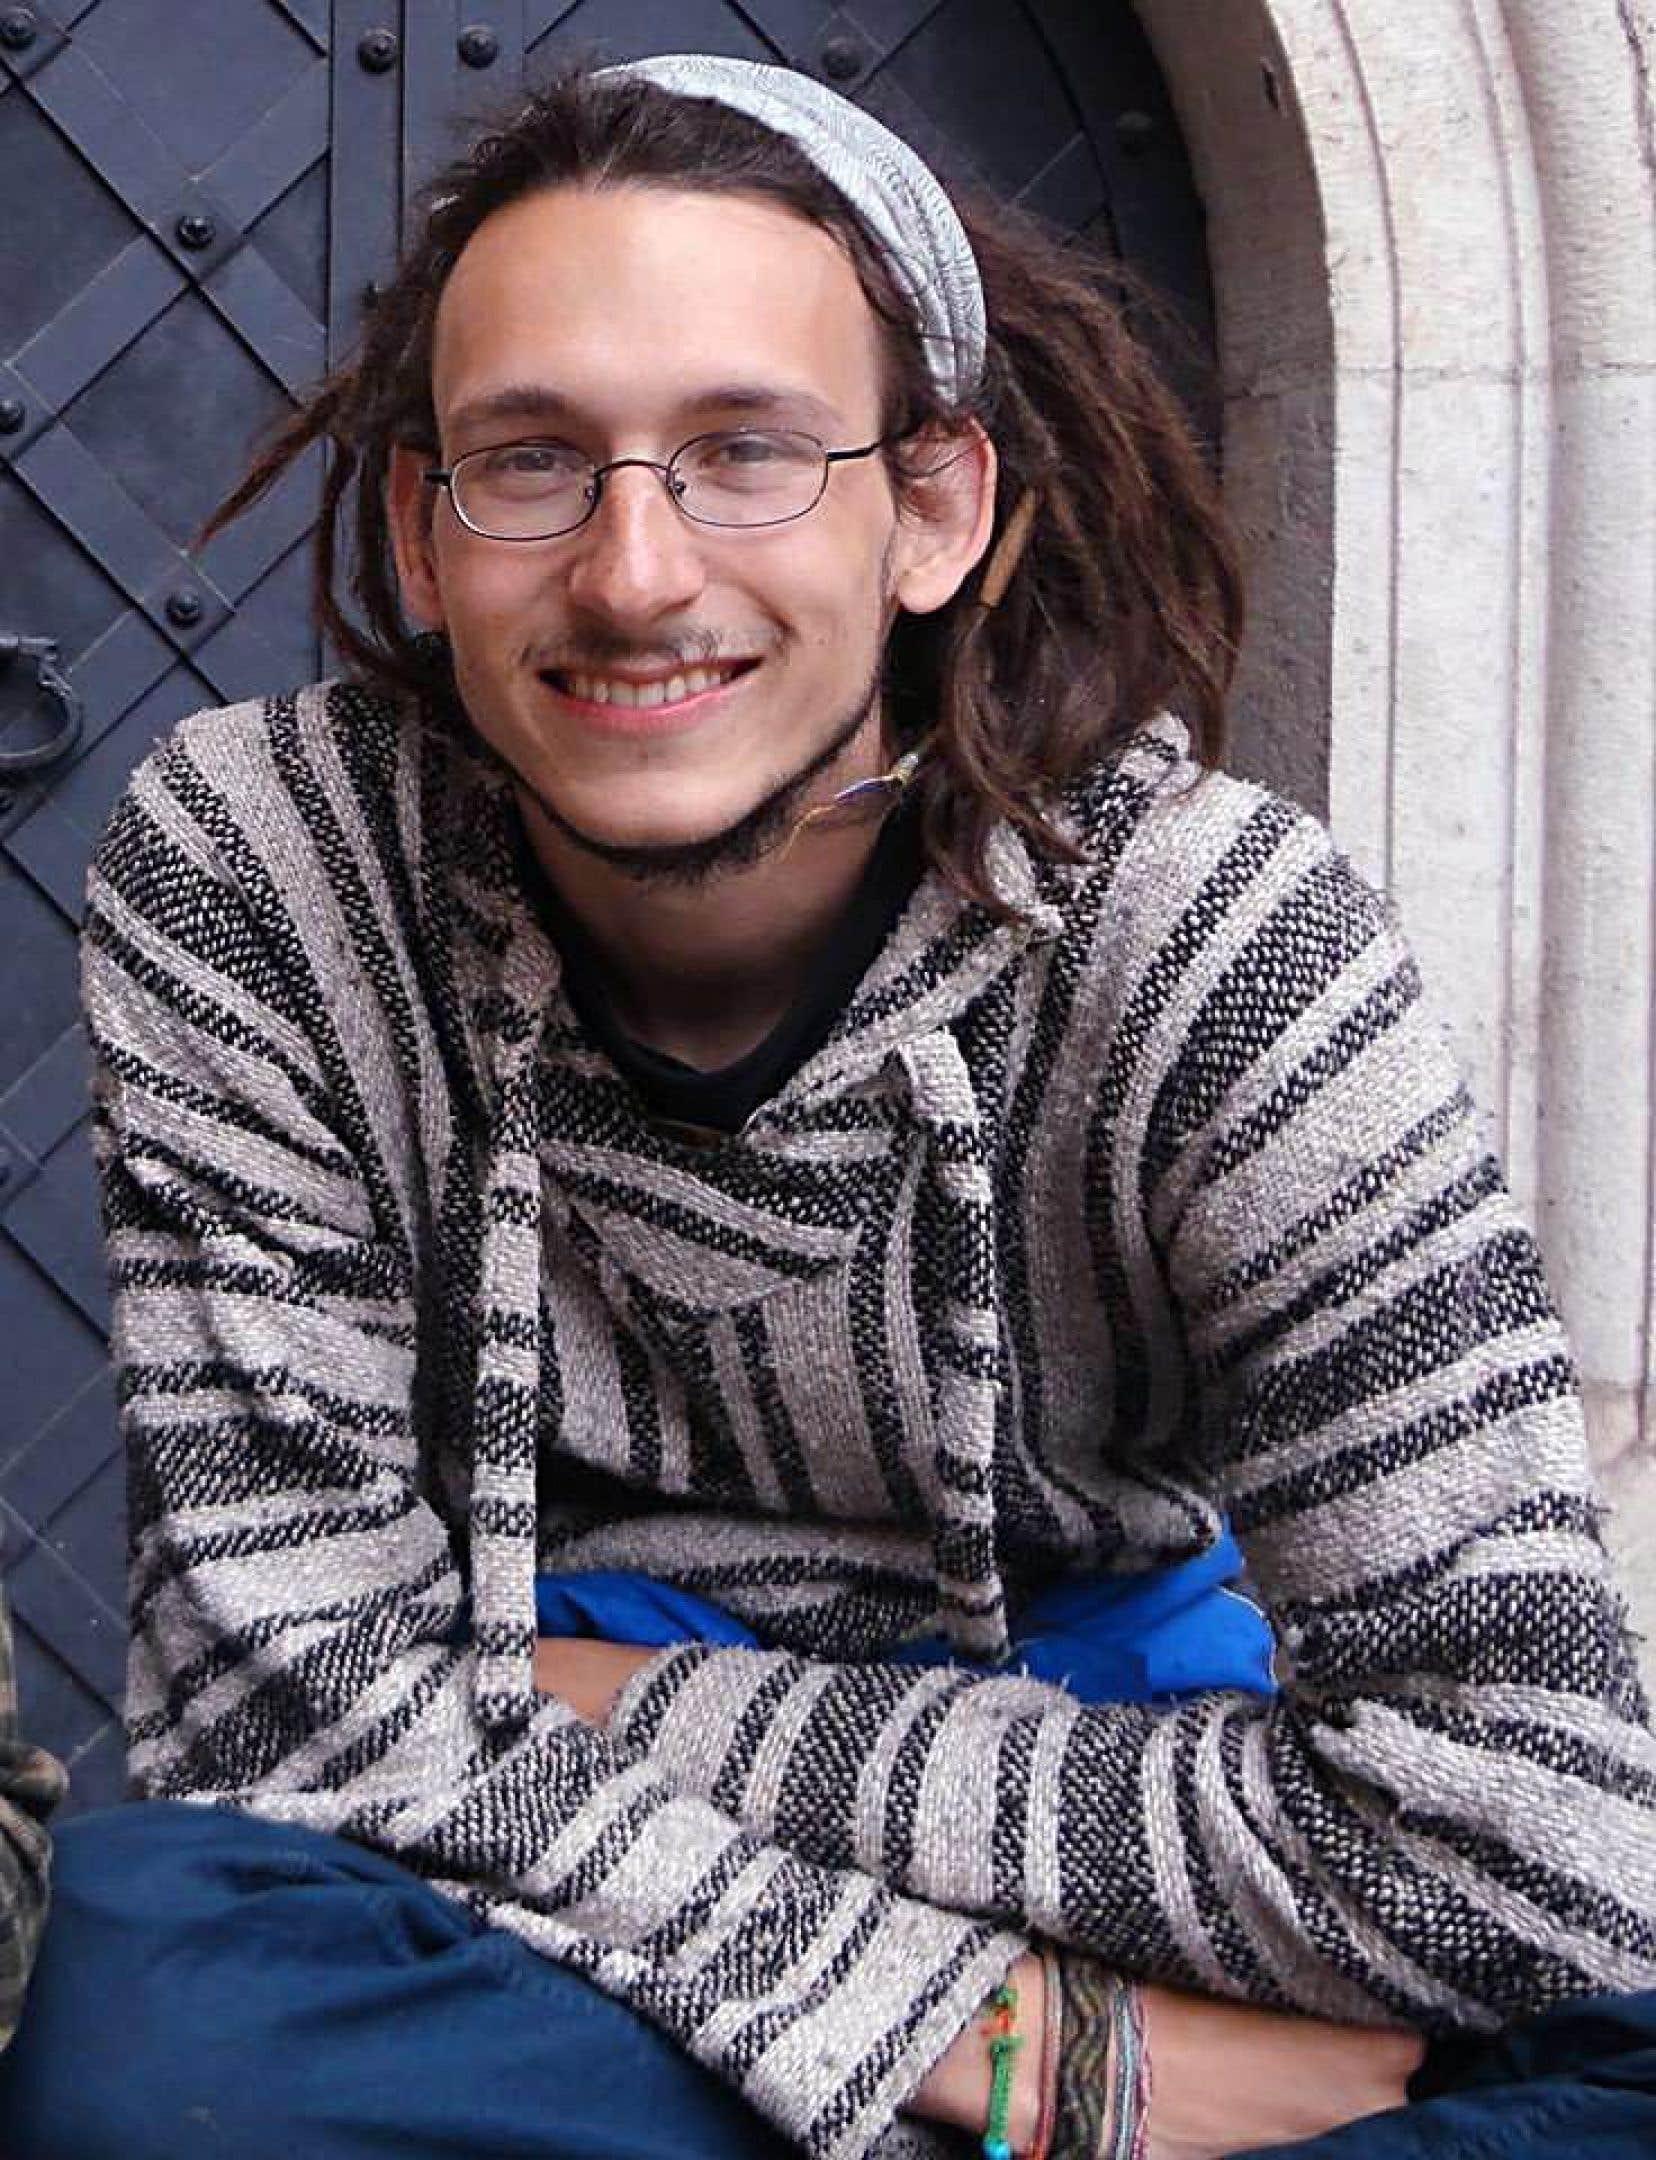 Raphaël Létourneau, un étudiant en sociologie, a délaissé les habituels discours d'usage pour pointer d'un doigt accusateur les dirigeants de l'université.